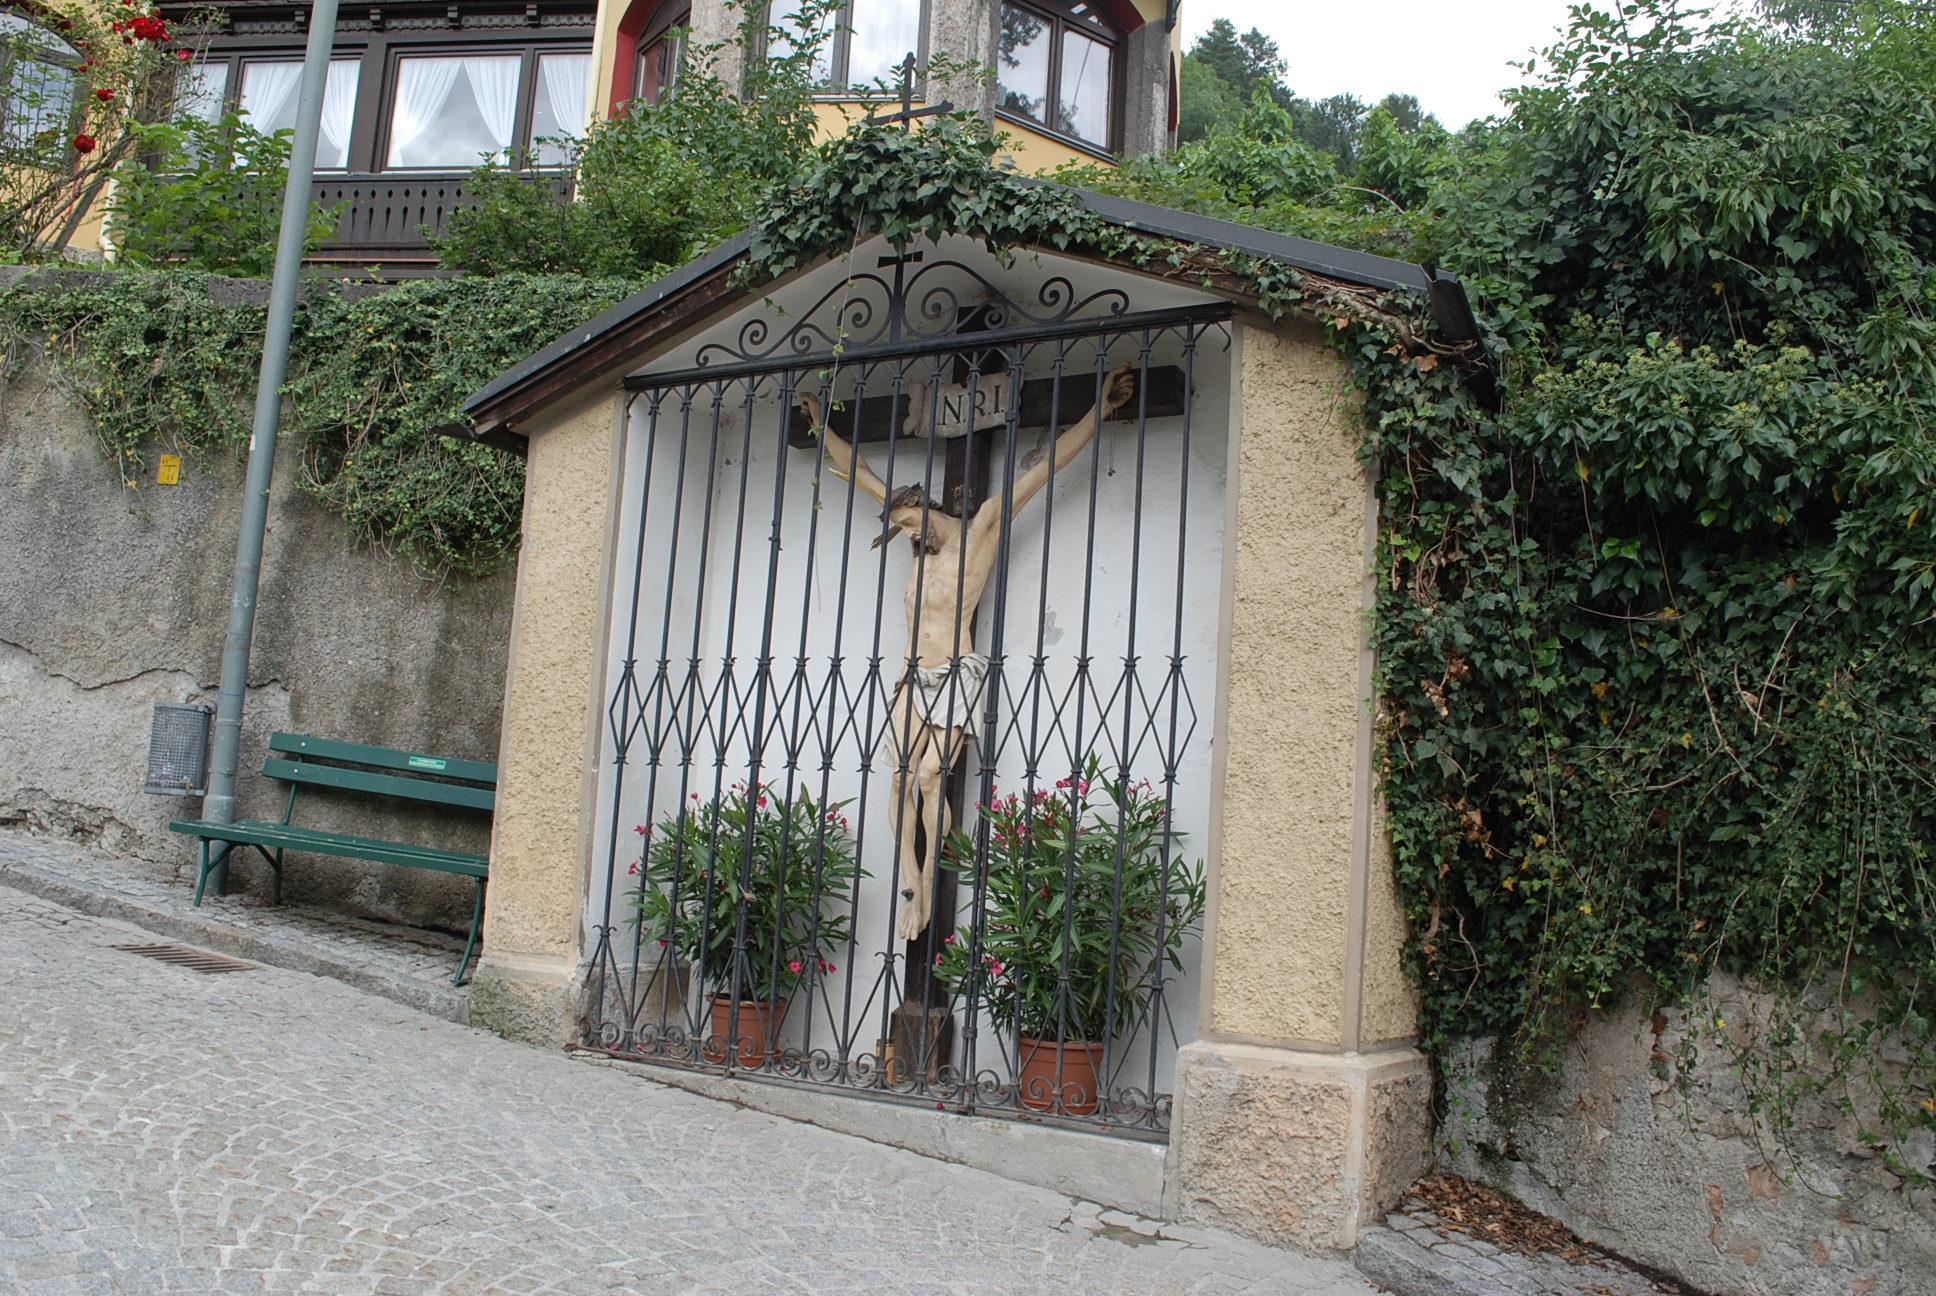 Htting mann sucht frau, Stadt kennenlernen aus nordburgenland